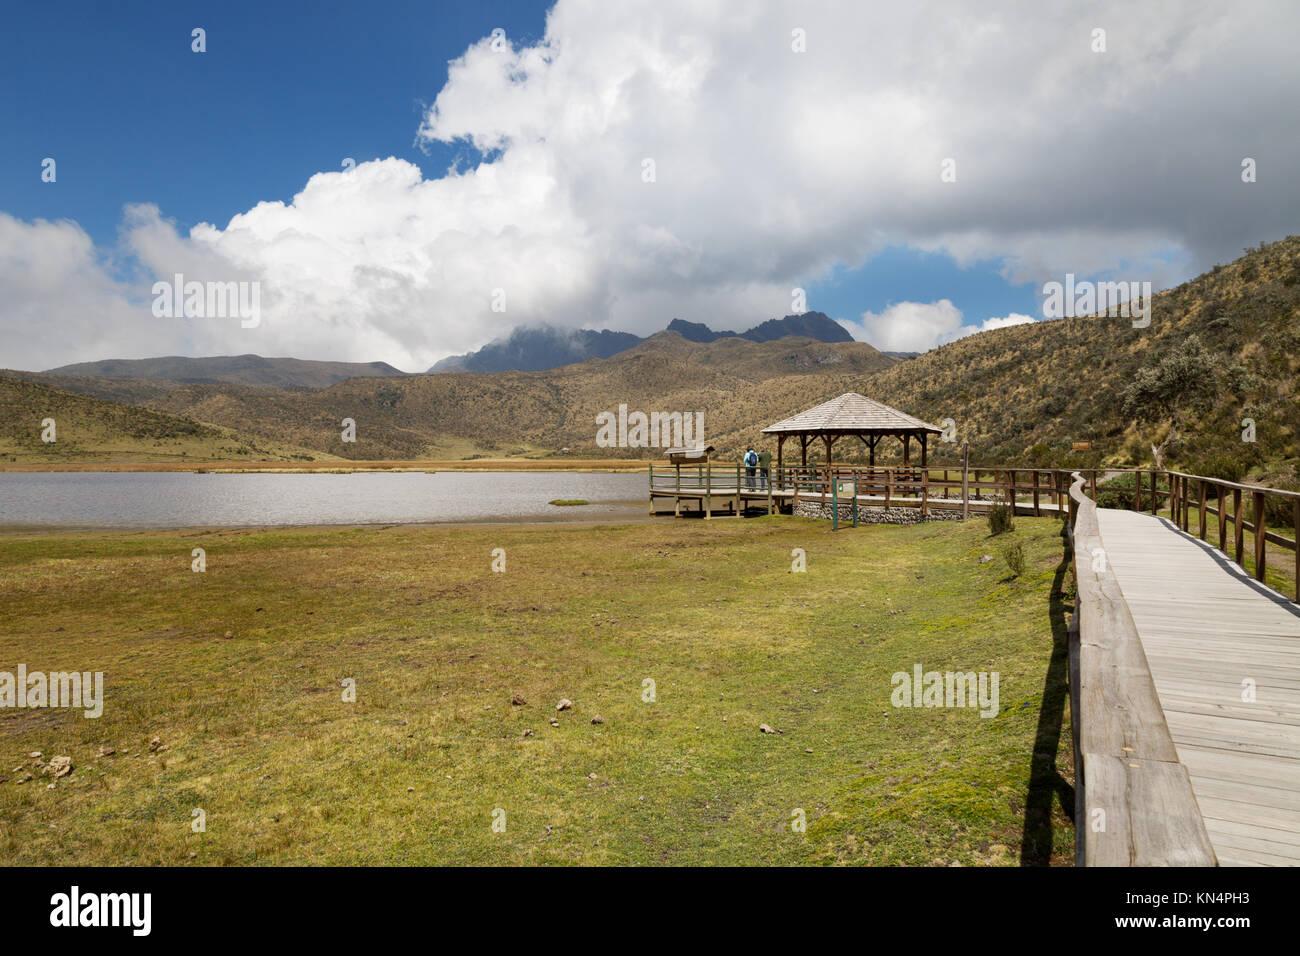 Los turistas en un mirador, el lago Limpiopungo Parque Nacional Cotopaxi, Ecuador, Sudamérica Foto de stock